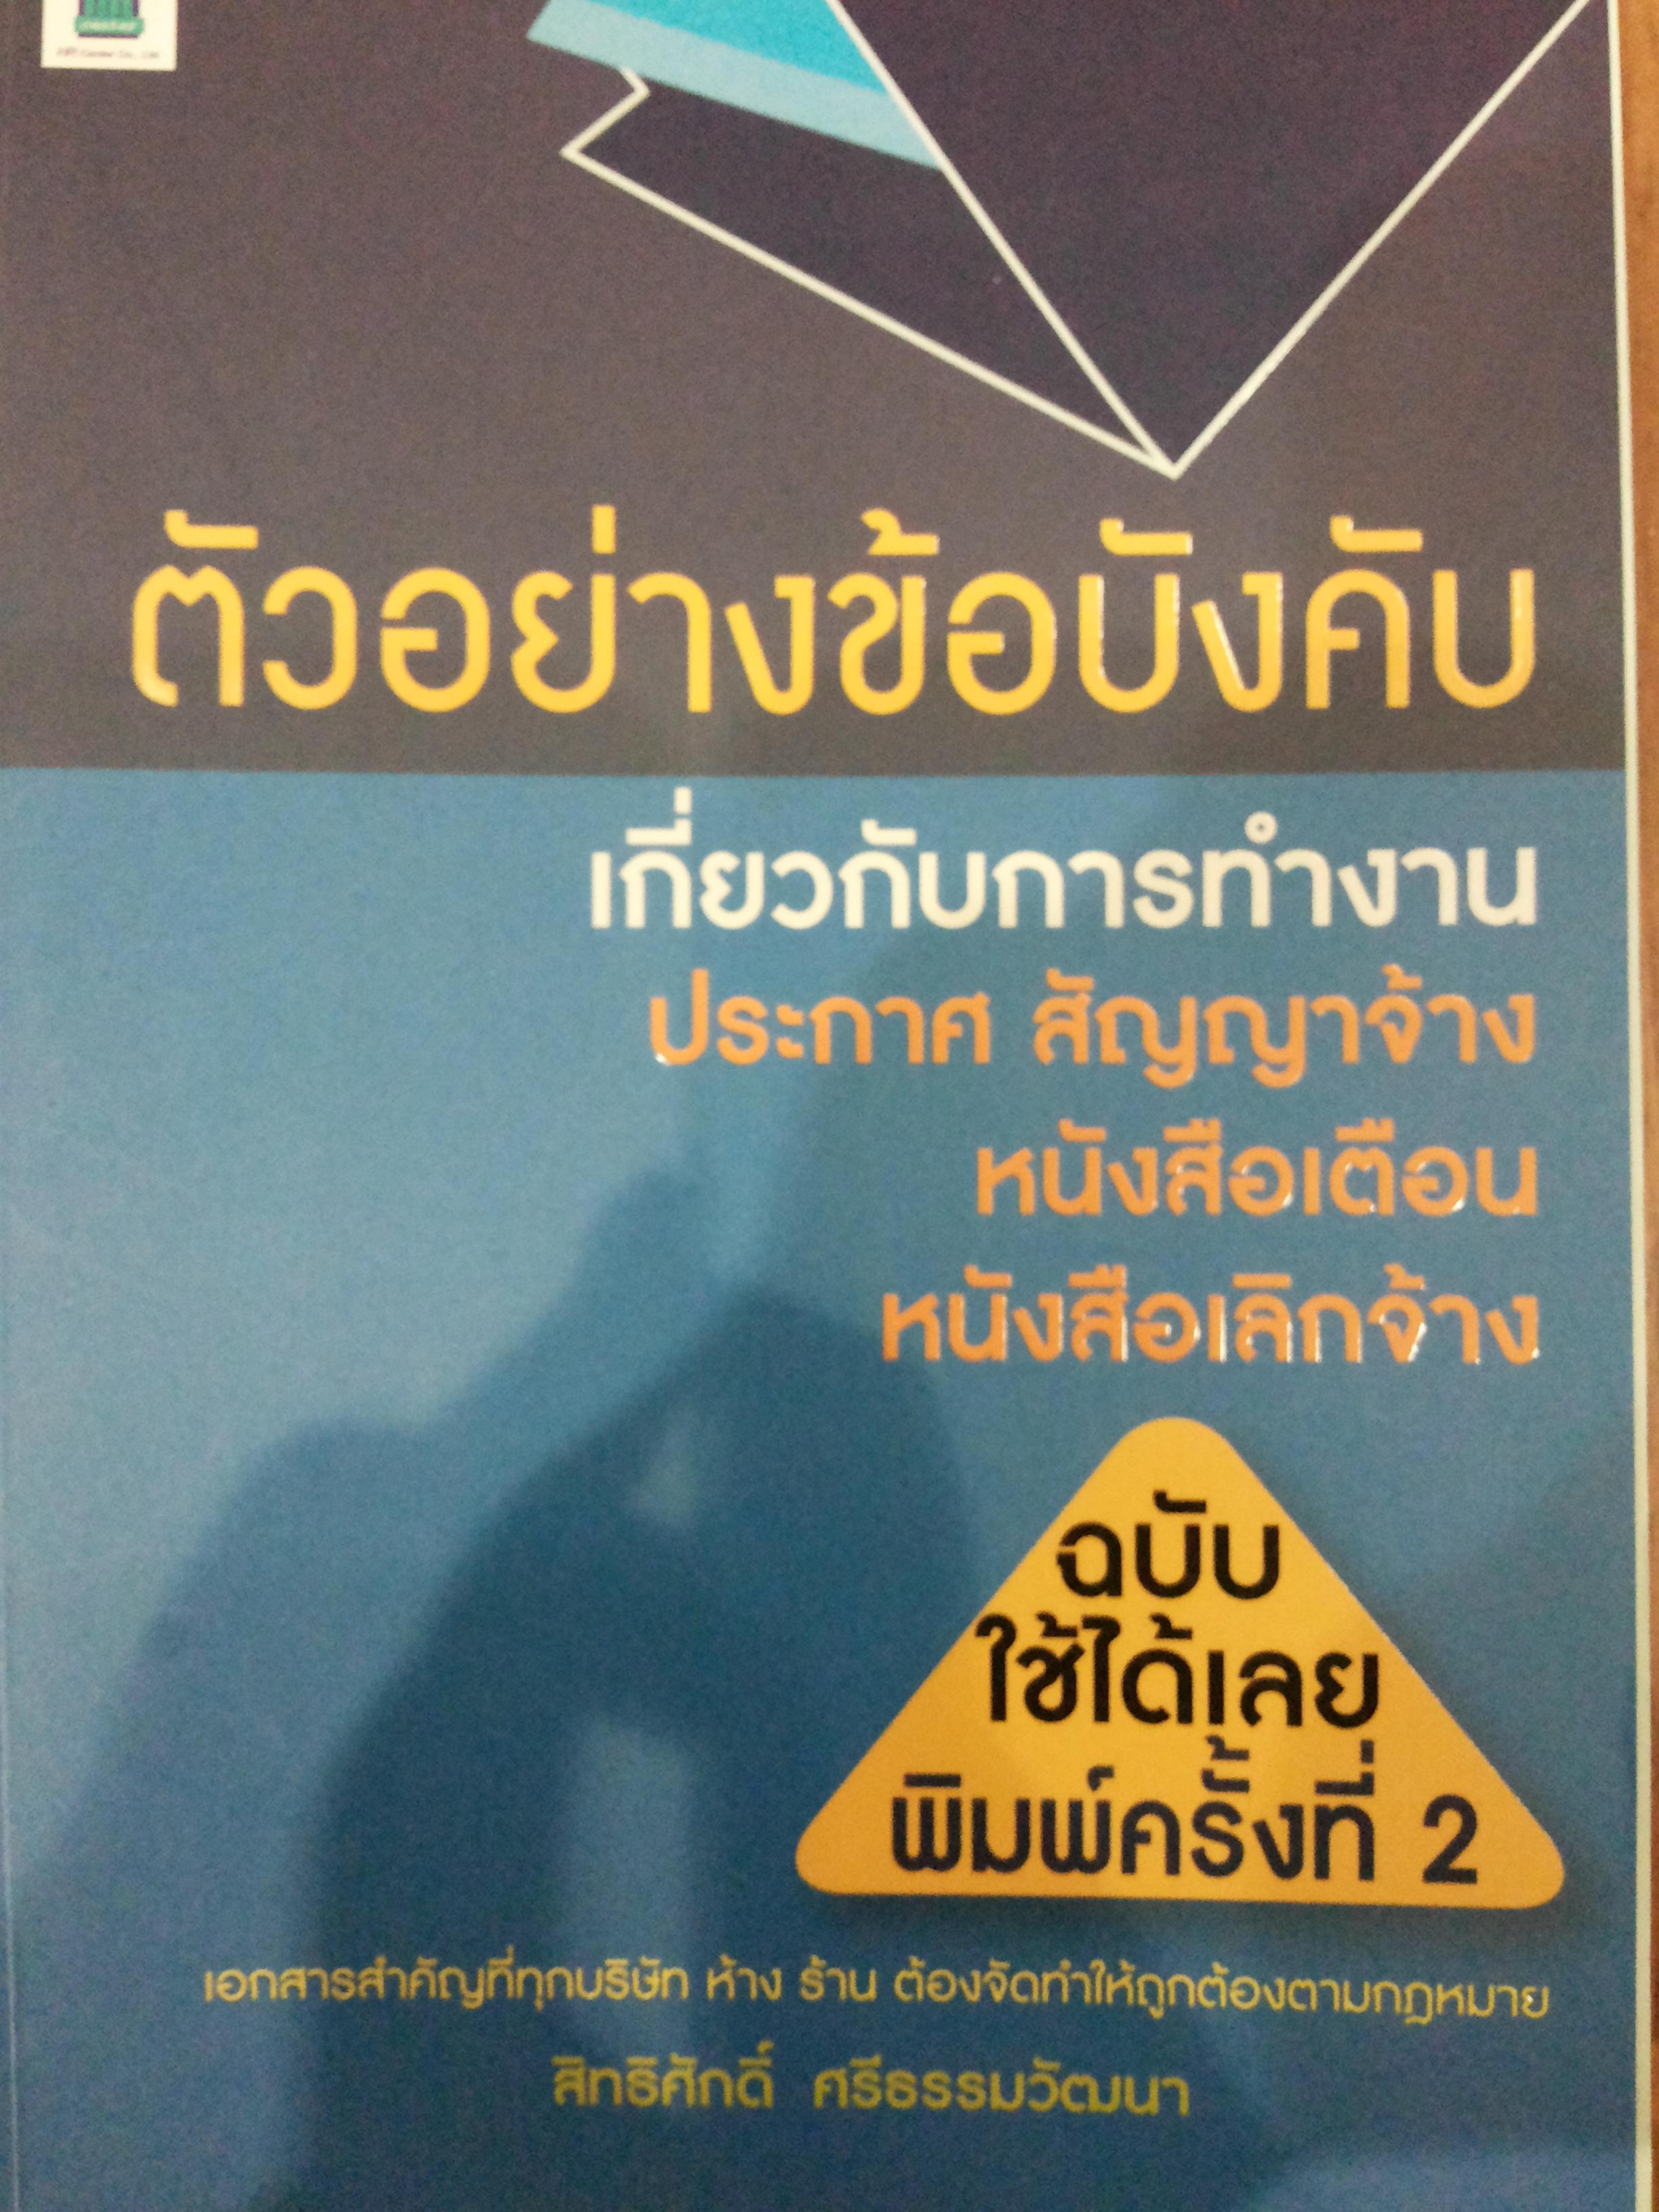 ตัวอย่างข้อบังคับเกี่ยวกับการทำงาน ประกาศ สัญญาจ้าง หนังสือเตือน หนังสือเลิกจ้าง